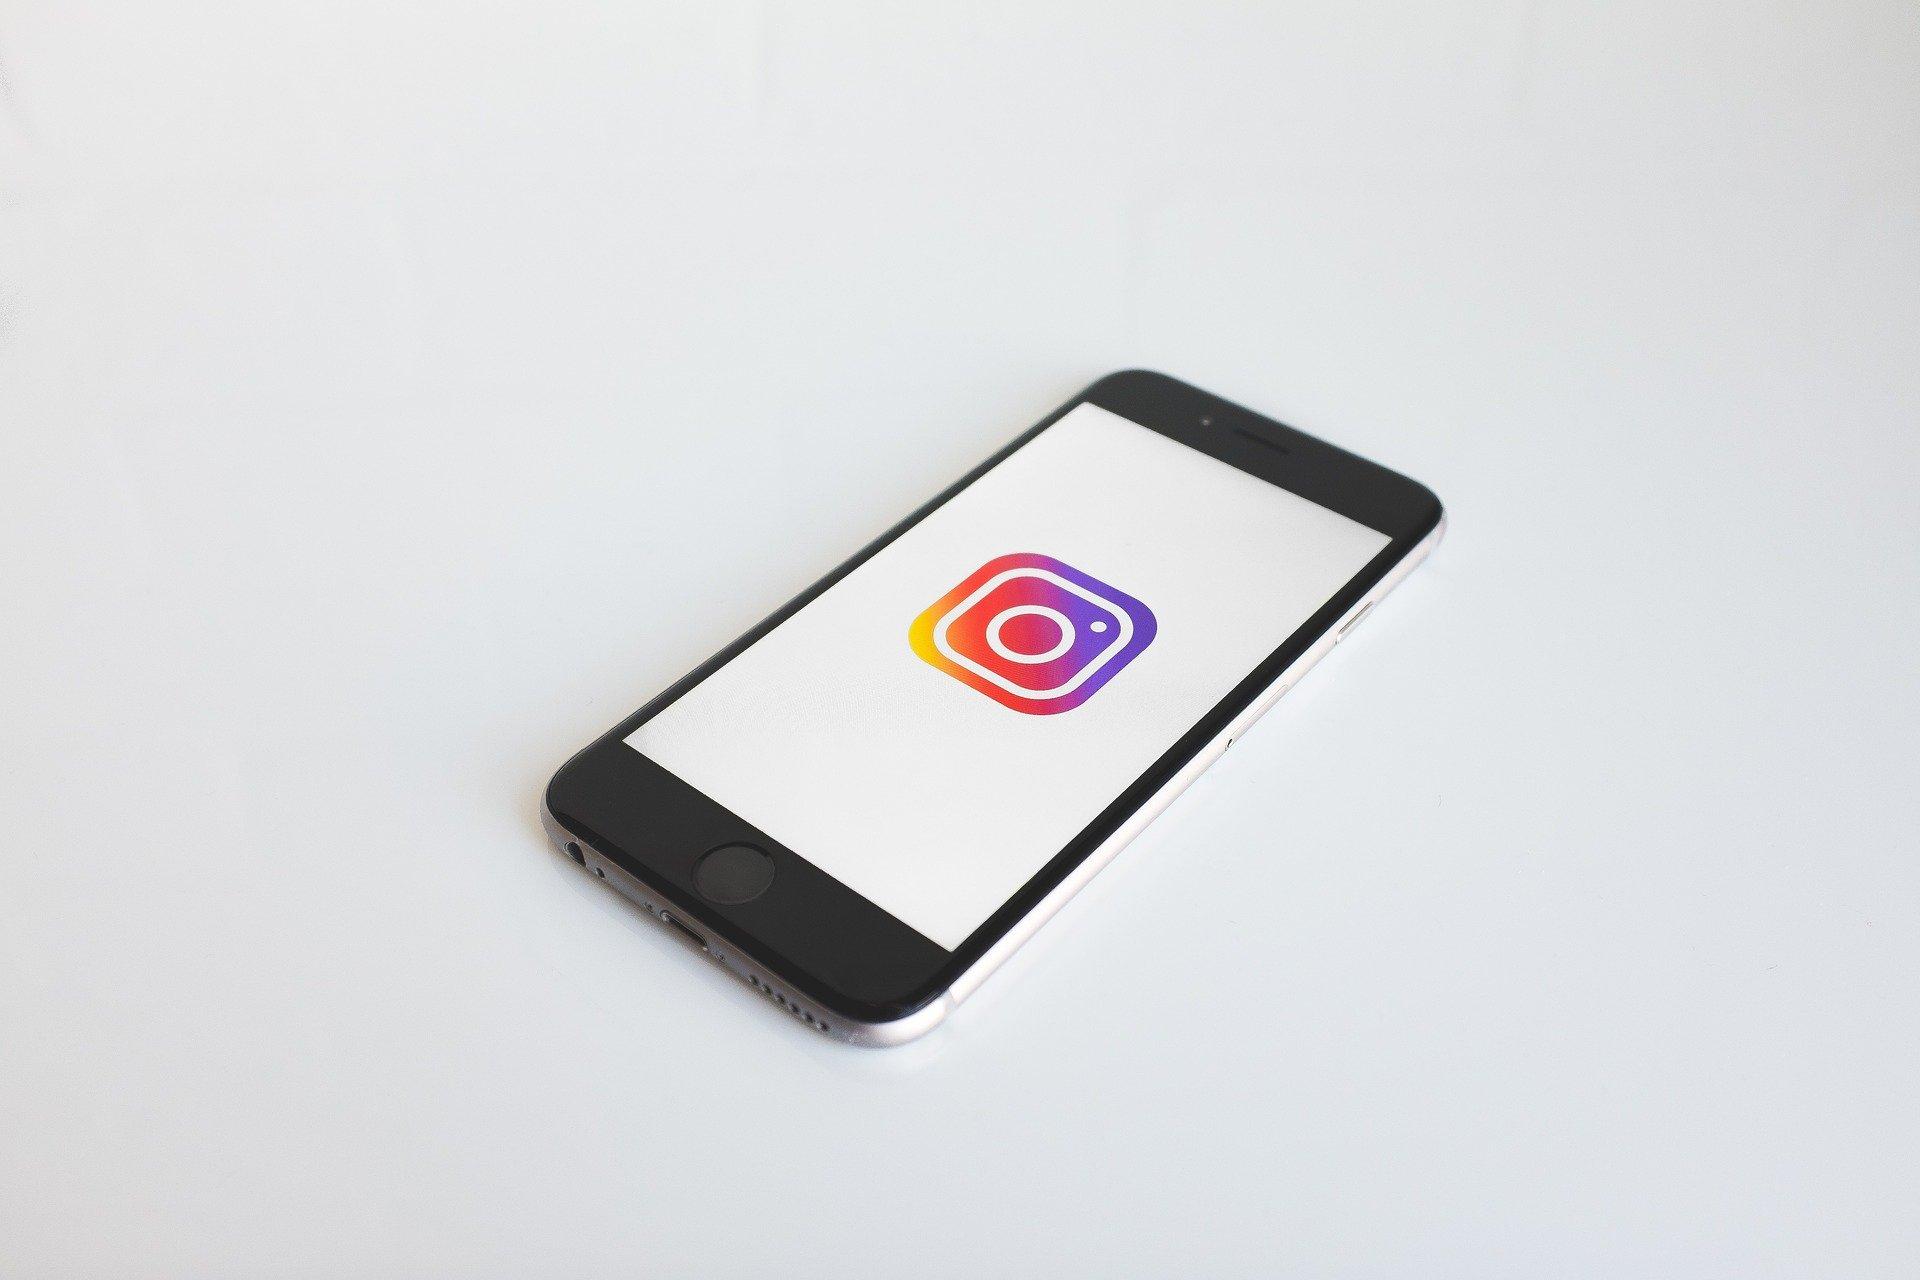 Les_5_meilleures_façons_de_télécharger_des_photos_vidéos_d_Instagram_et_d_augmenter_le_nombre_de_ses_followers